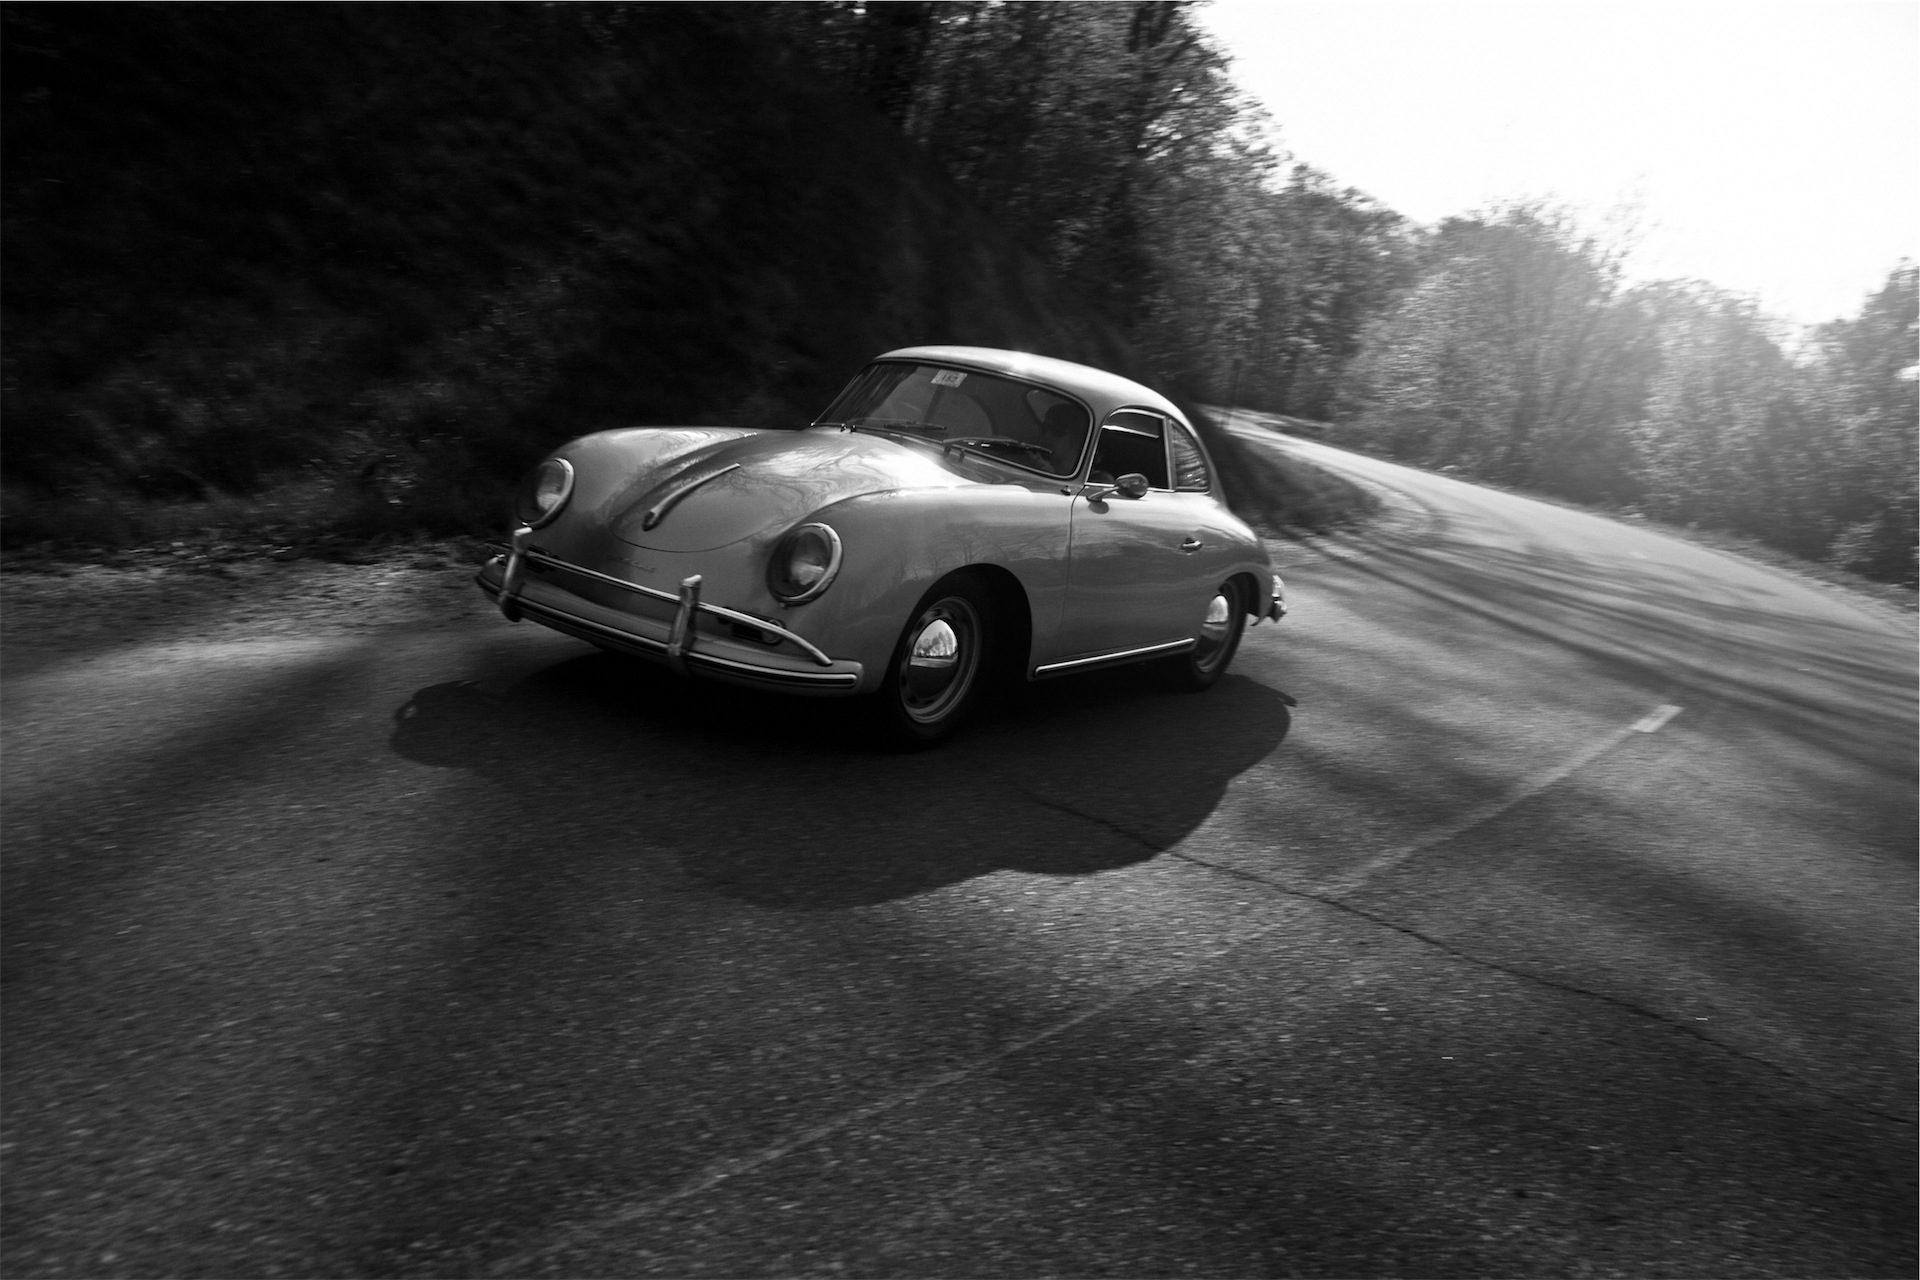 車, 道路, 速度, 古い, ヴィンテージ - HD の壁紙 - 教授-falken.com